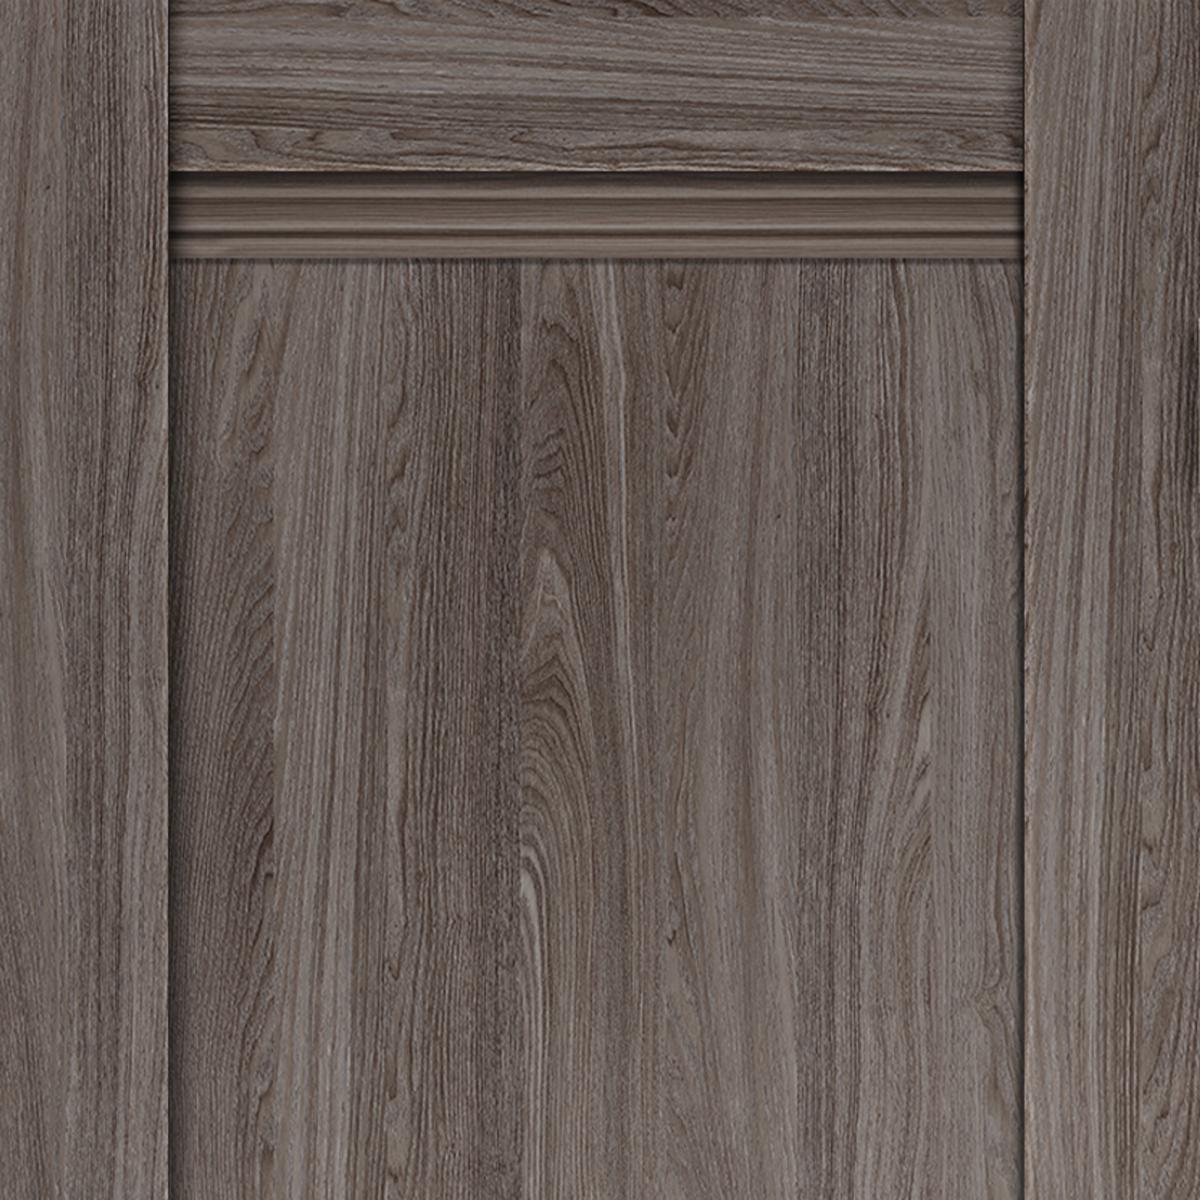 Дверь Межкомнатная Глухая С Замком И Петлями В Комплекте «Тоскана» 70x200 Цвет Ясень Анкор